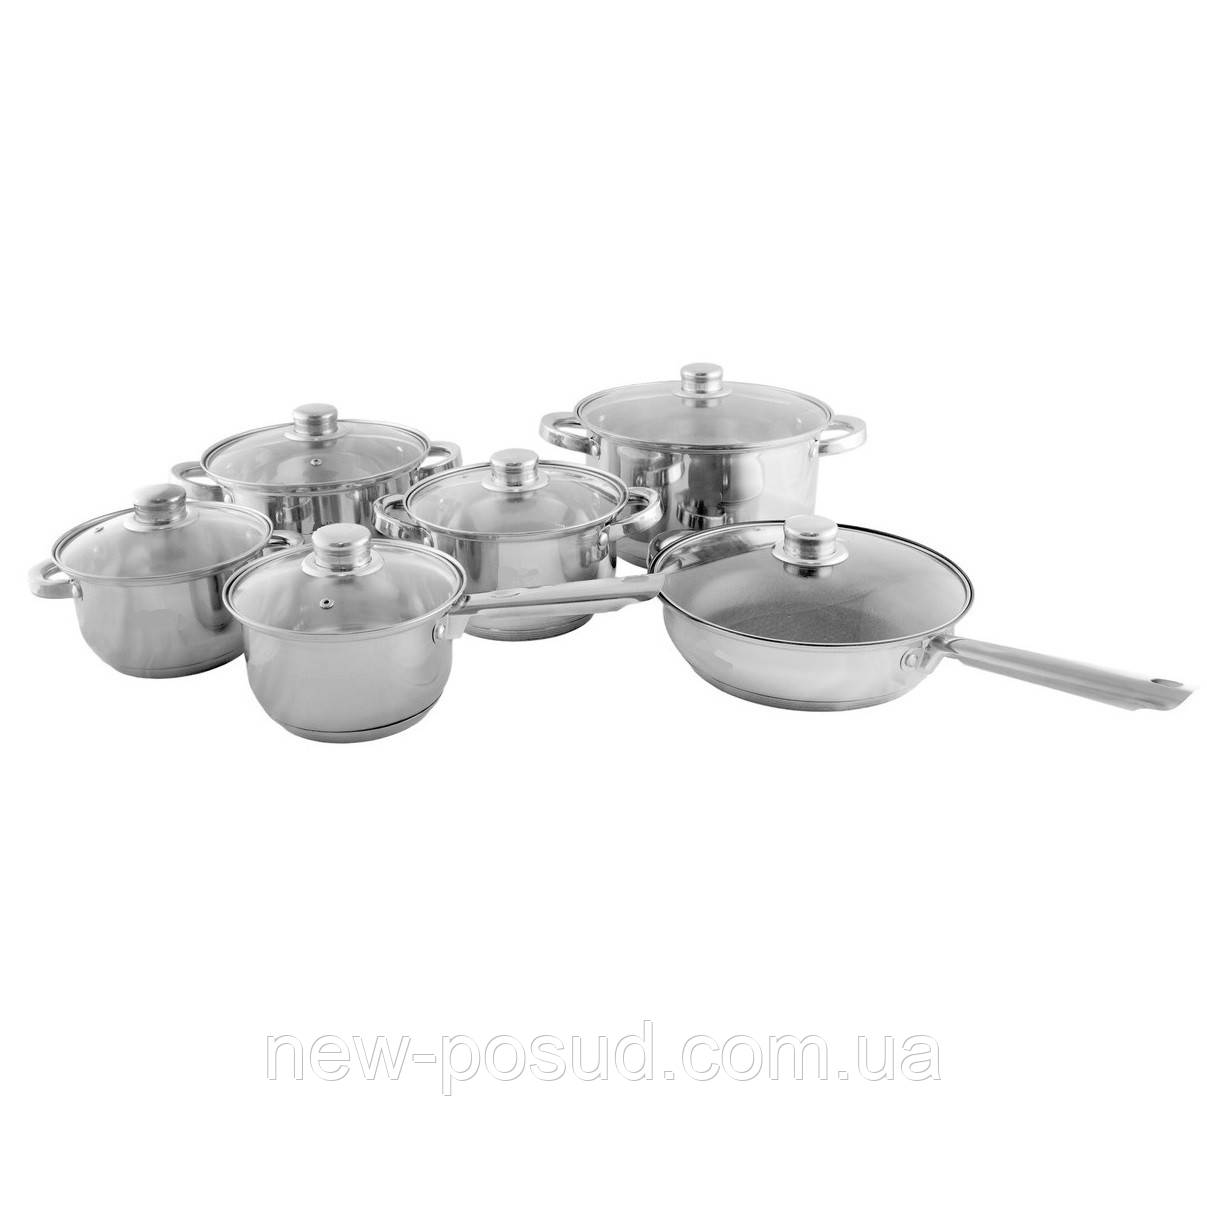 Набор посуды из нержавеющей стали 12 предметов Edenberg EB-3735